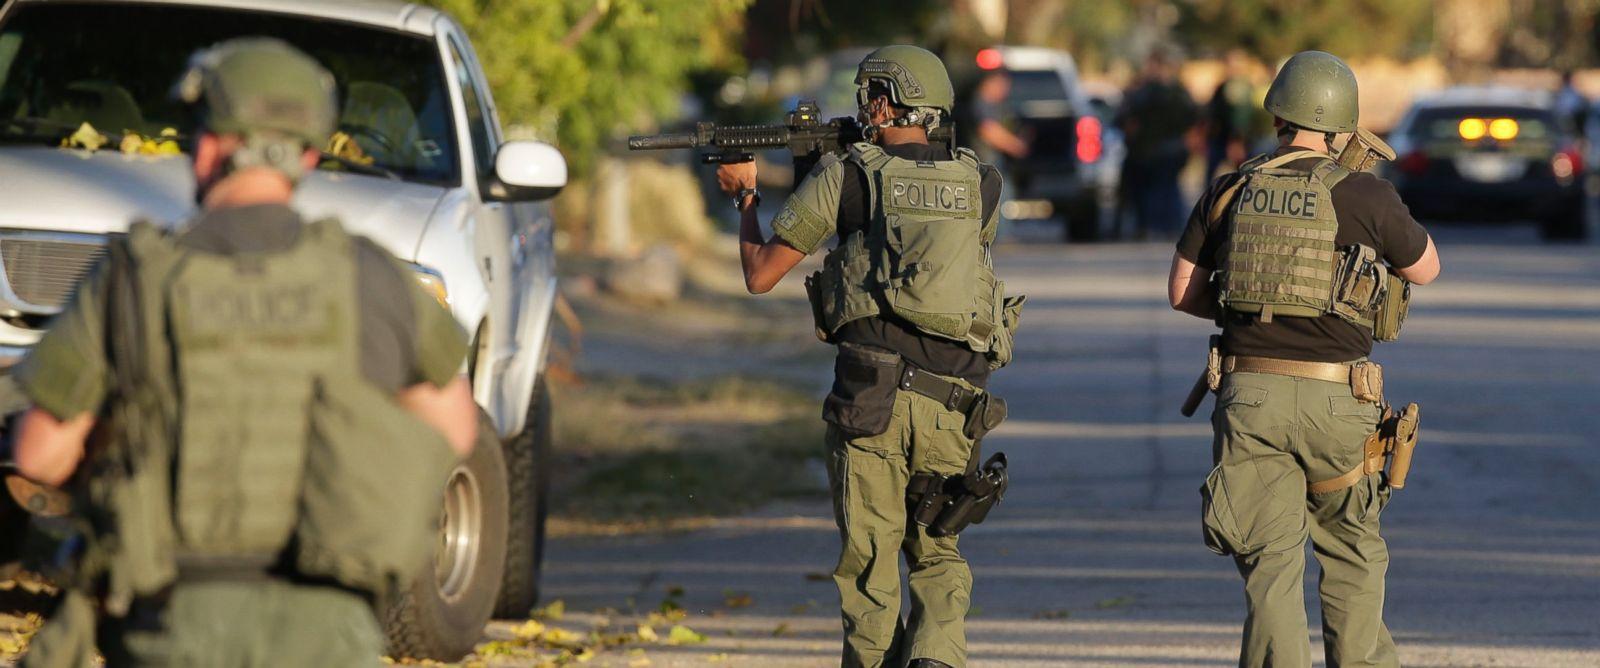 san berna AP_california_shootings_151202_12x5_1600